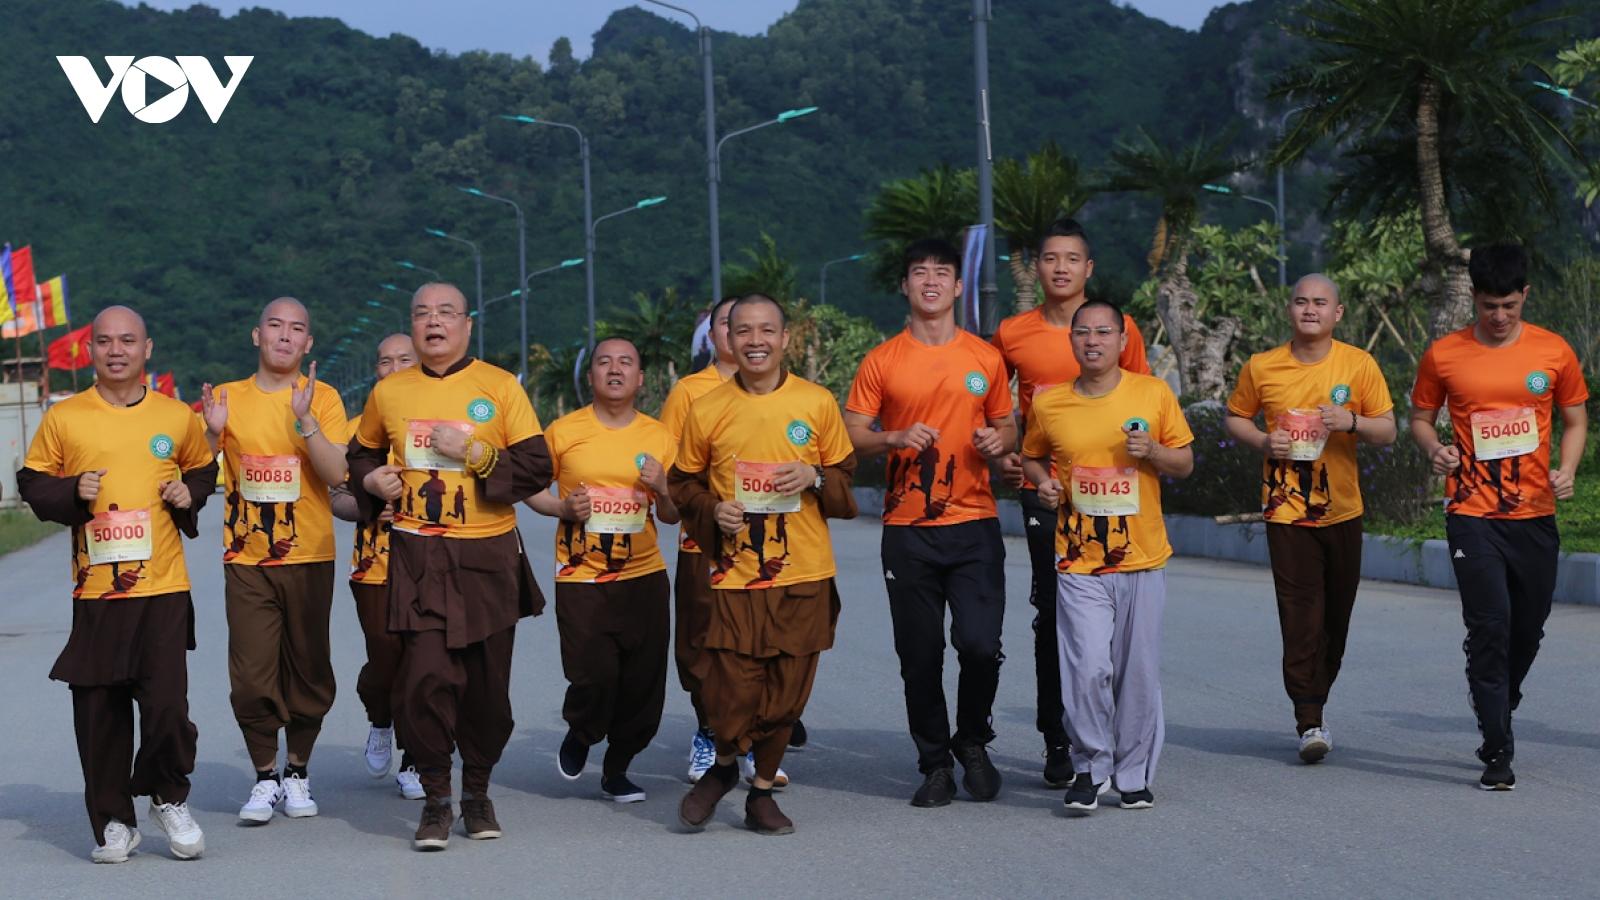 Nhà sư và cầu thủ bóng đá hào hứng trên đường chạy marathon